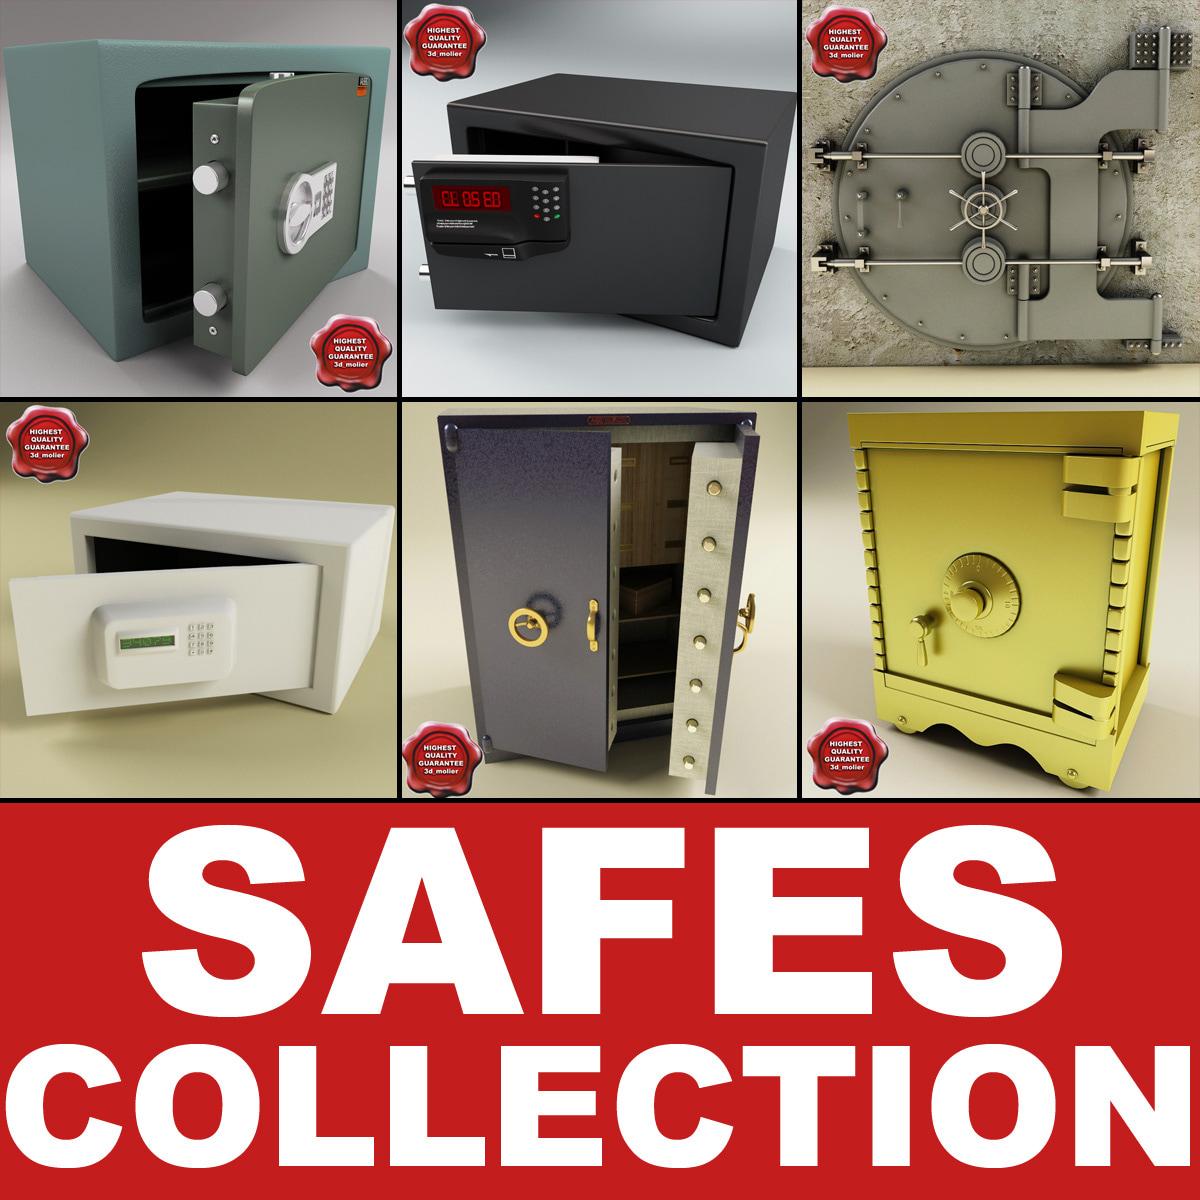 Safes_Collection_V3_000.jpg